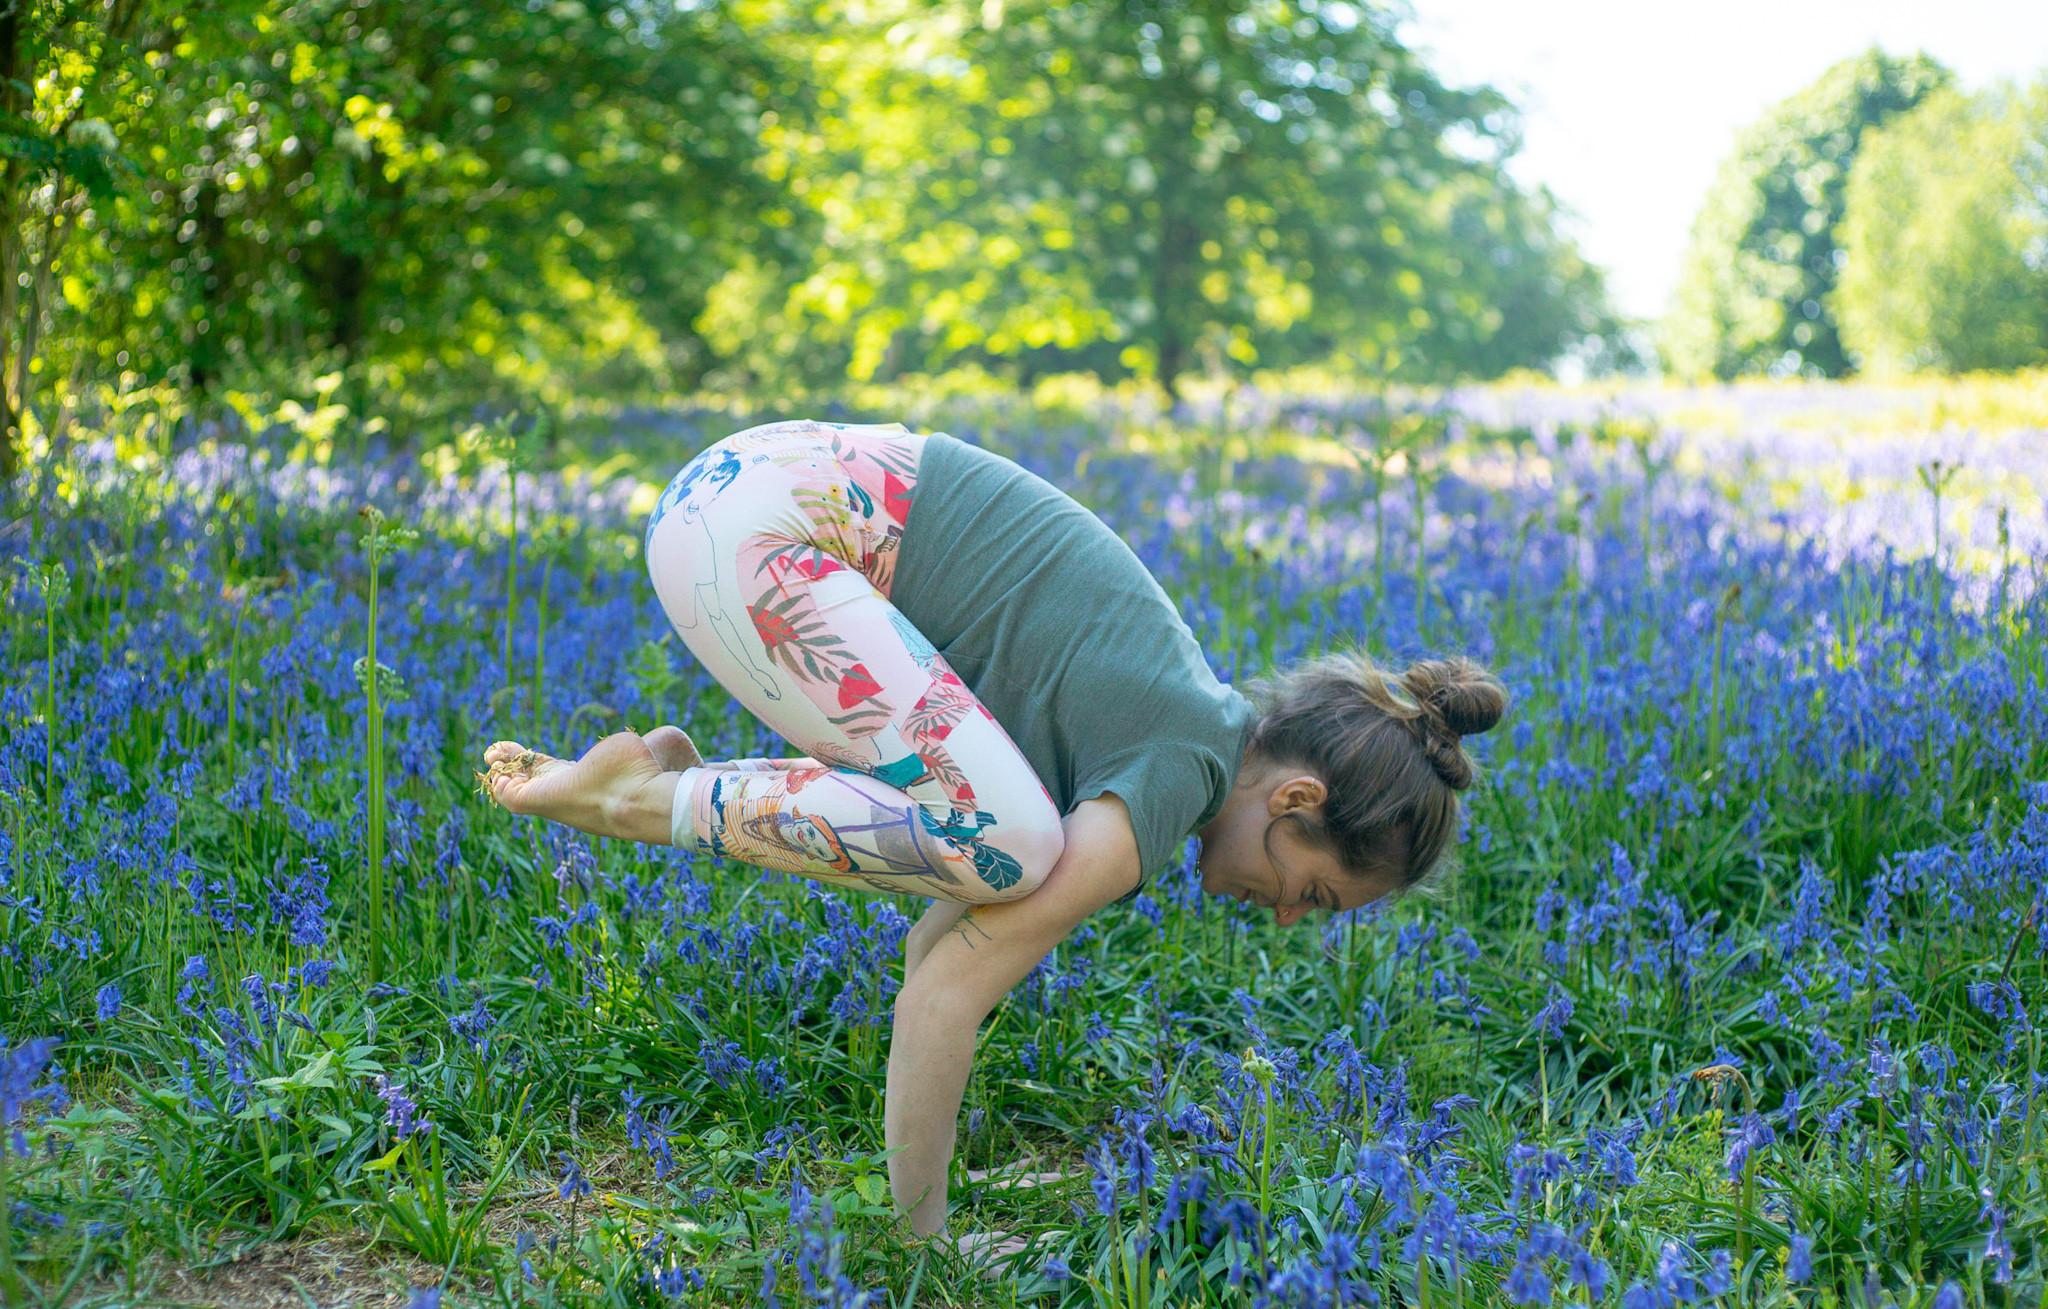 45 Min Yoga (ages 13+)